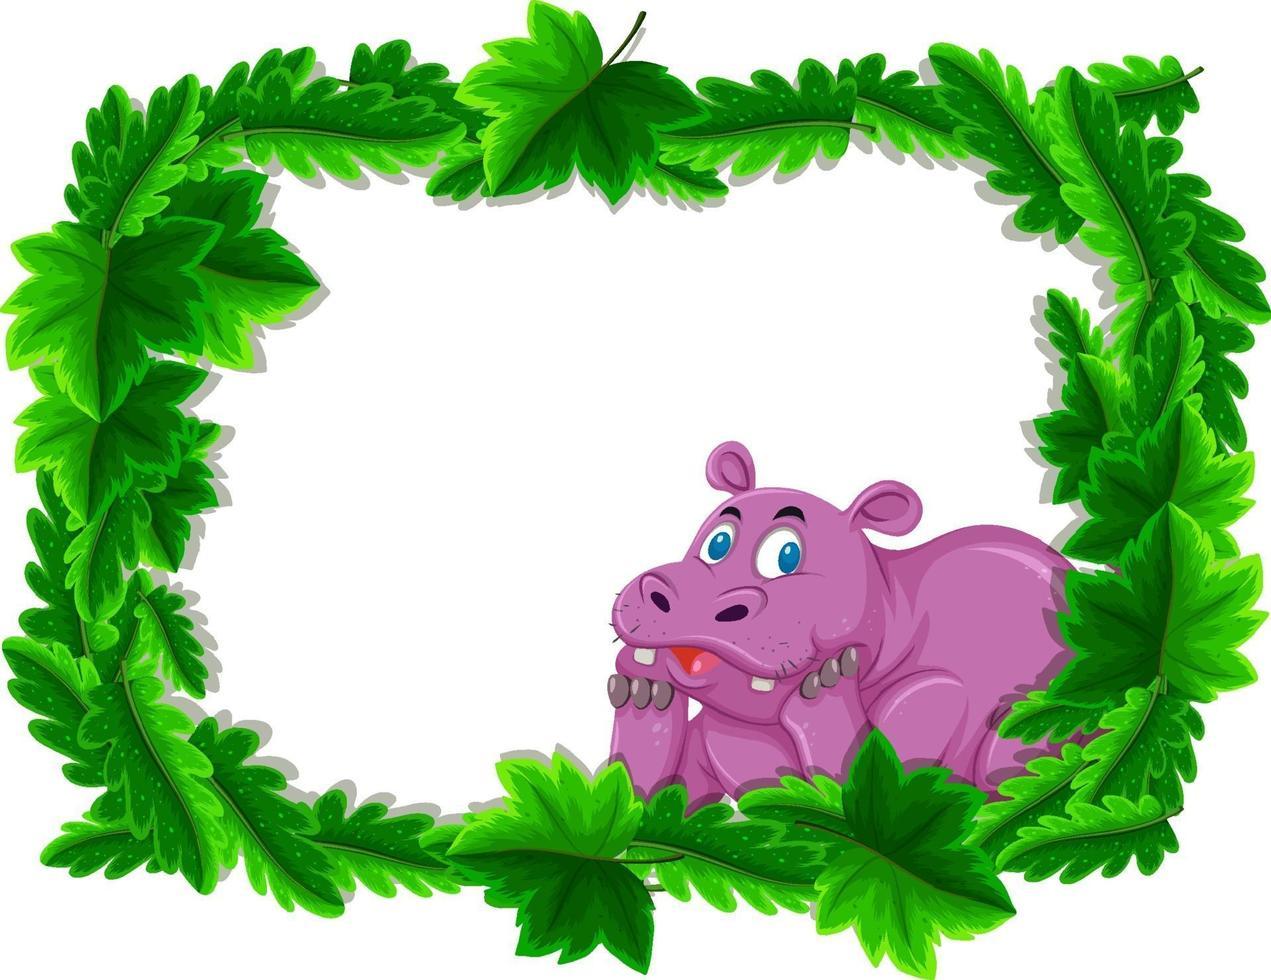 lege banner met tropische bladeren frame en nijlpaard stripfiguur vector